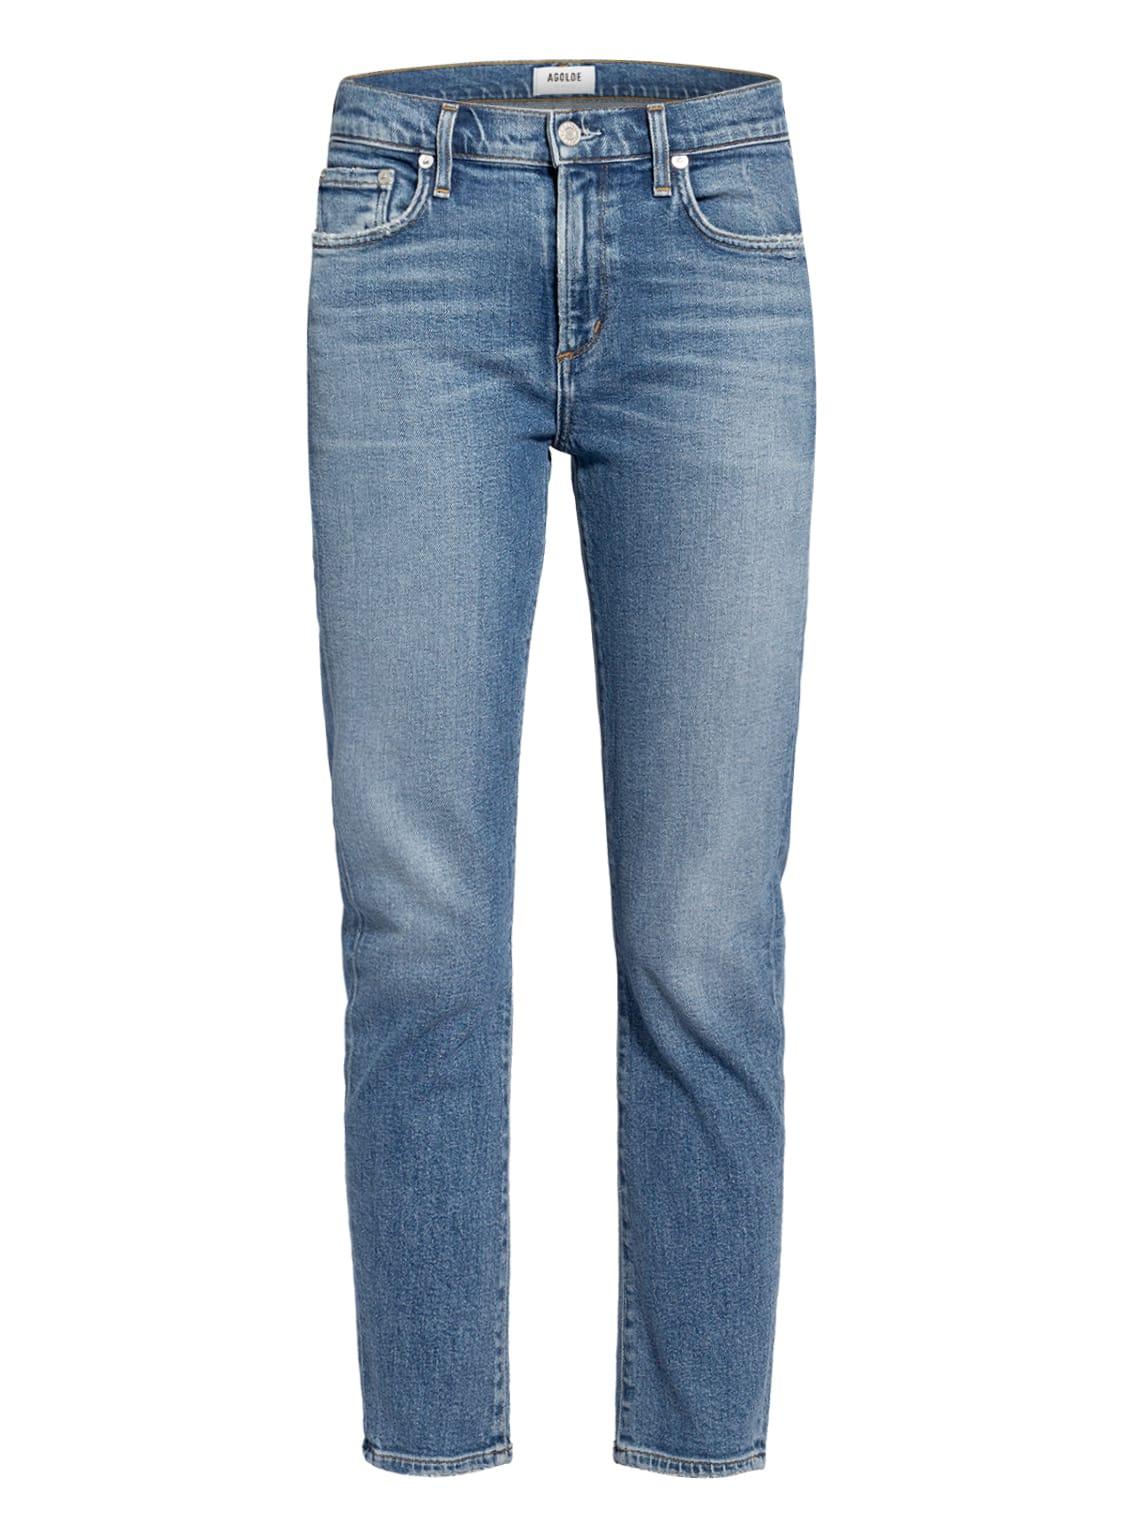 Image of Agolde 7/8-Jeans Toni blau